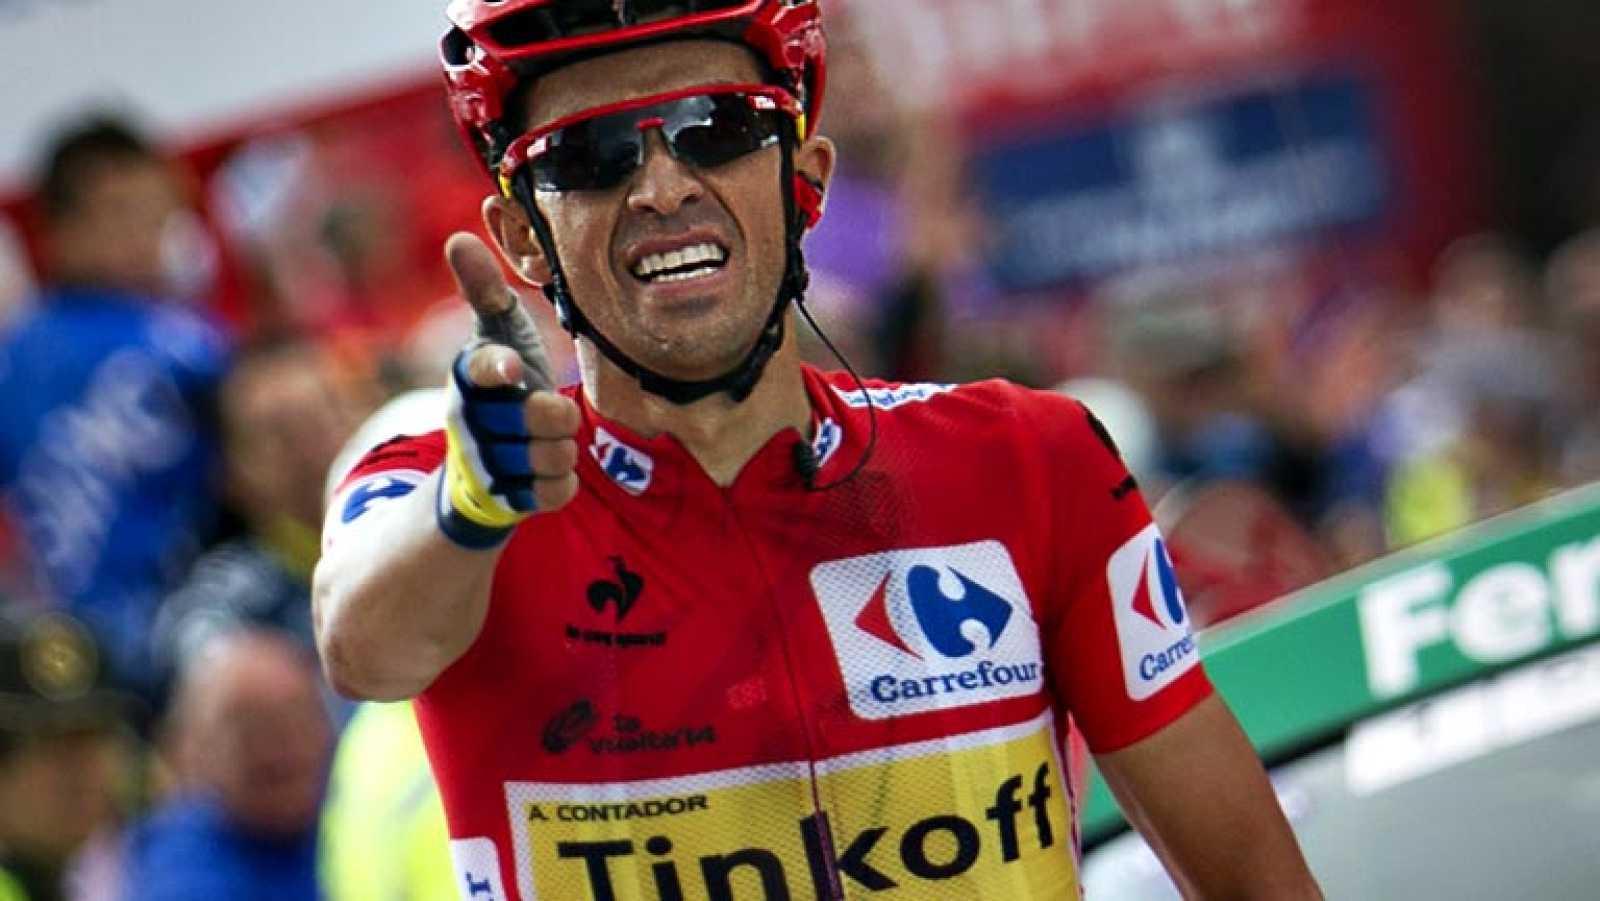 El español Alberto Contador, del equipo Tinkoff, ha ganado este lunes la etapa reina de la Vuelta a España, disputada entre San Martín del Rey Aurelio y La Farrapona-Lagos de Somiedo sobre 160,5 kilómetros, por lo que reforzó el liderato. Contador ll